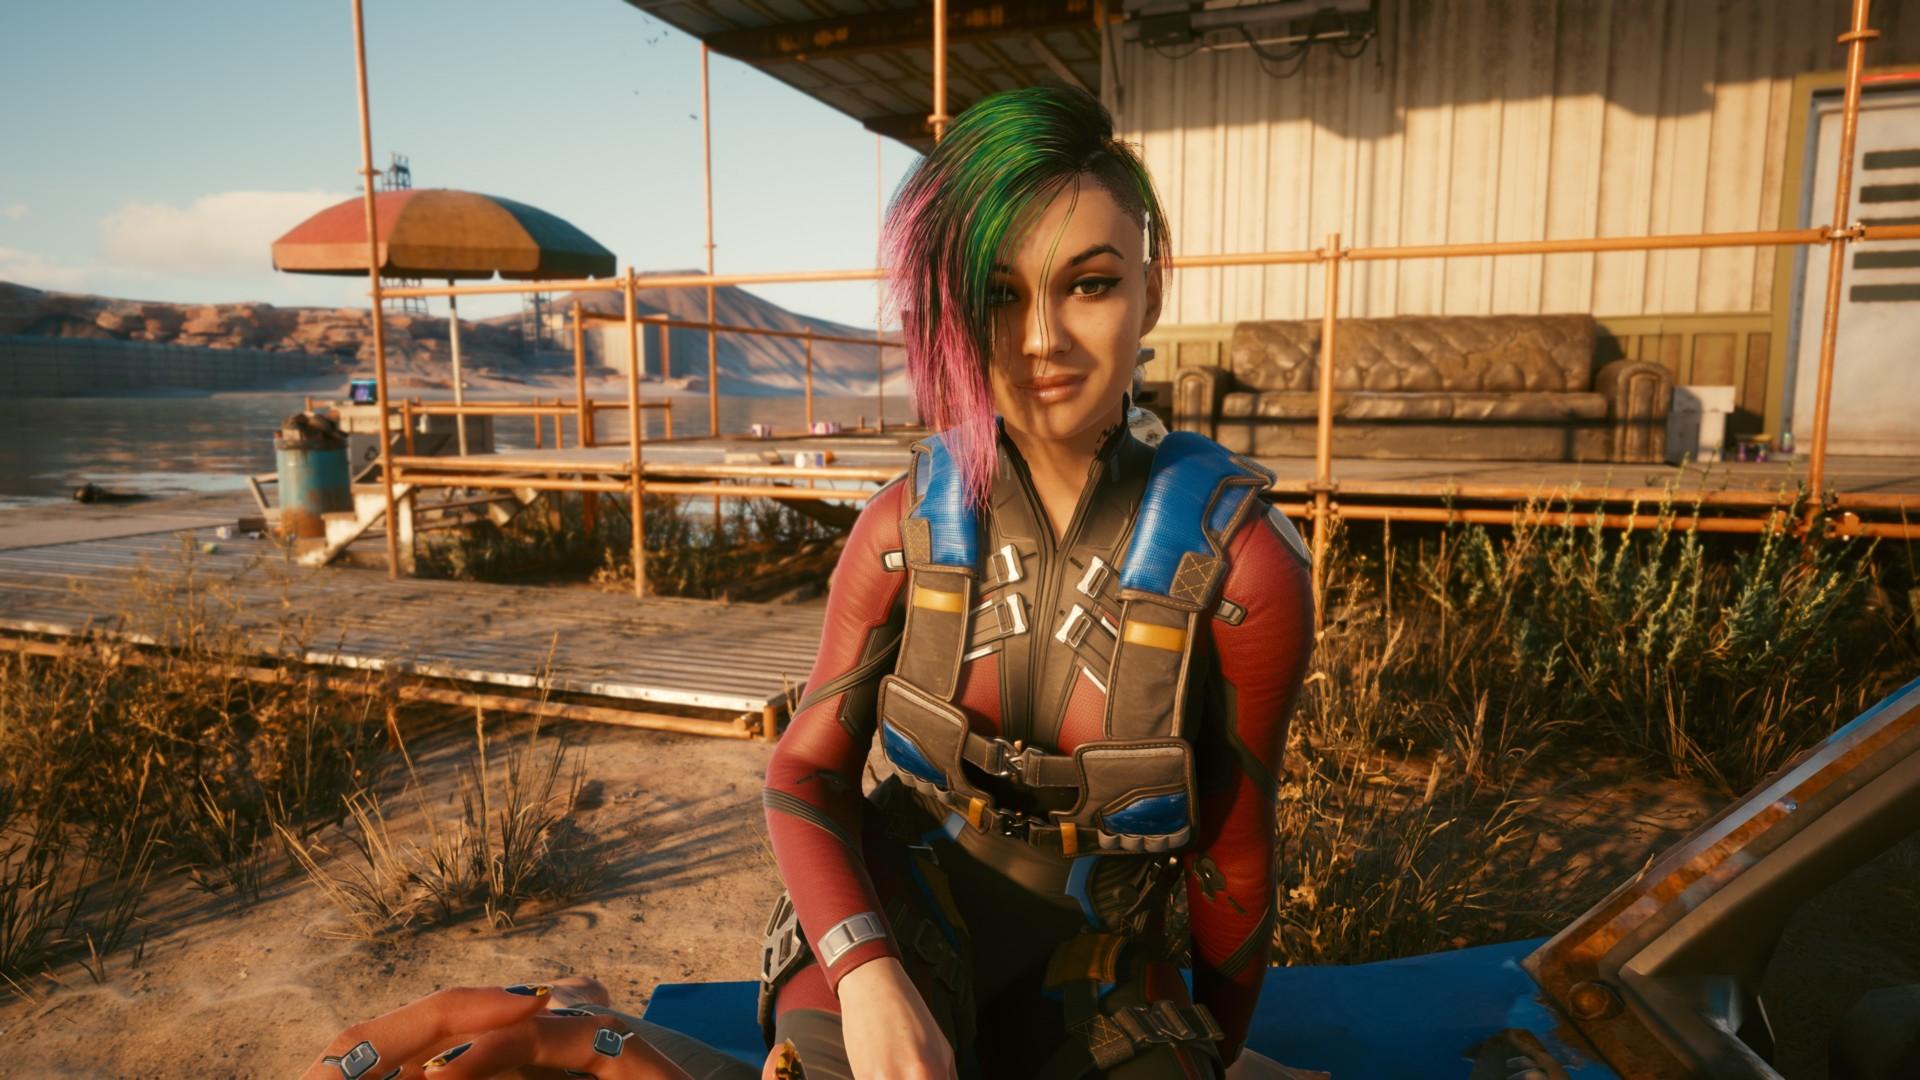 cyberpunk-2077-—-how-is-it-now?